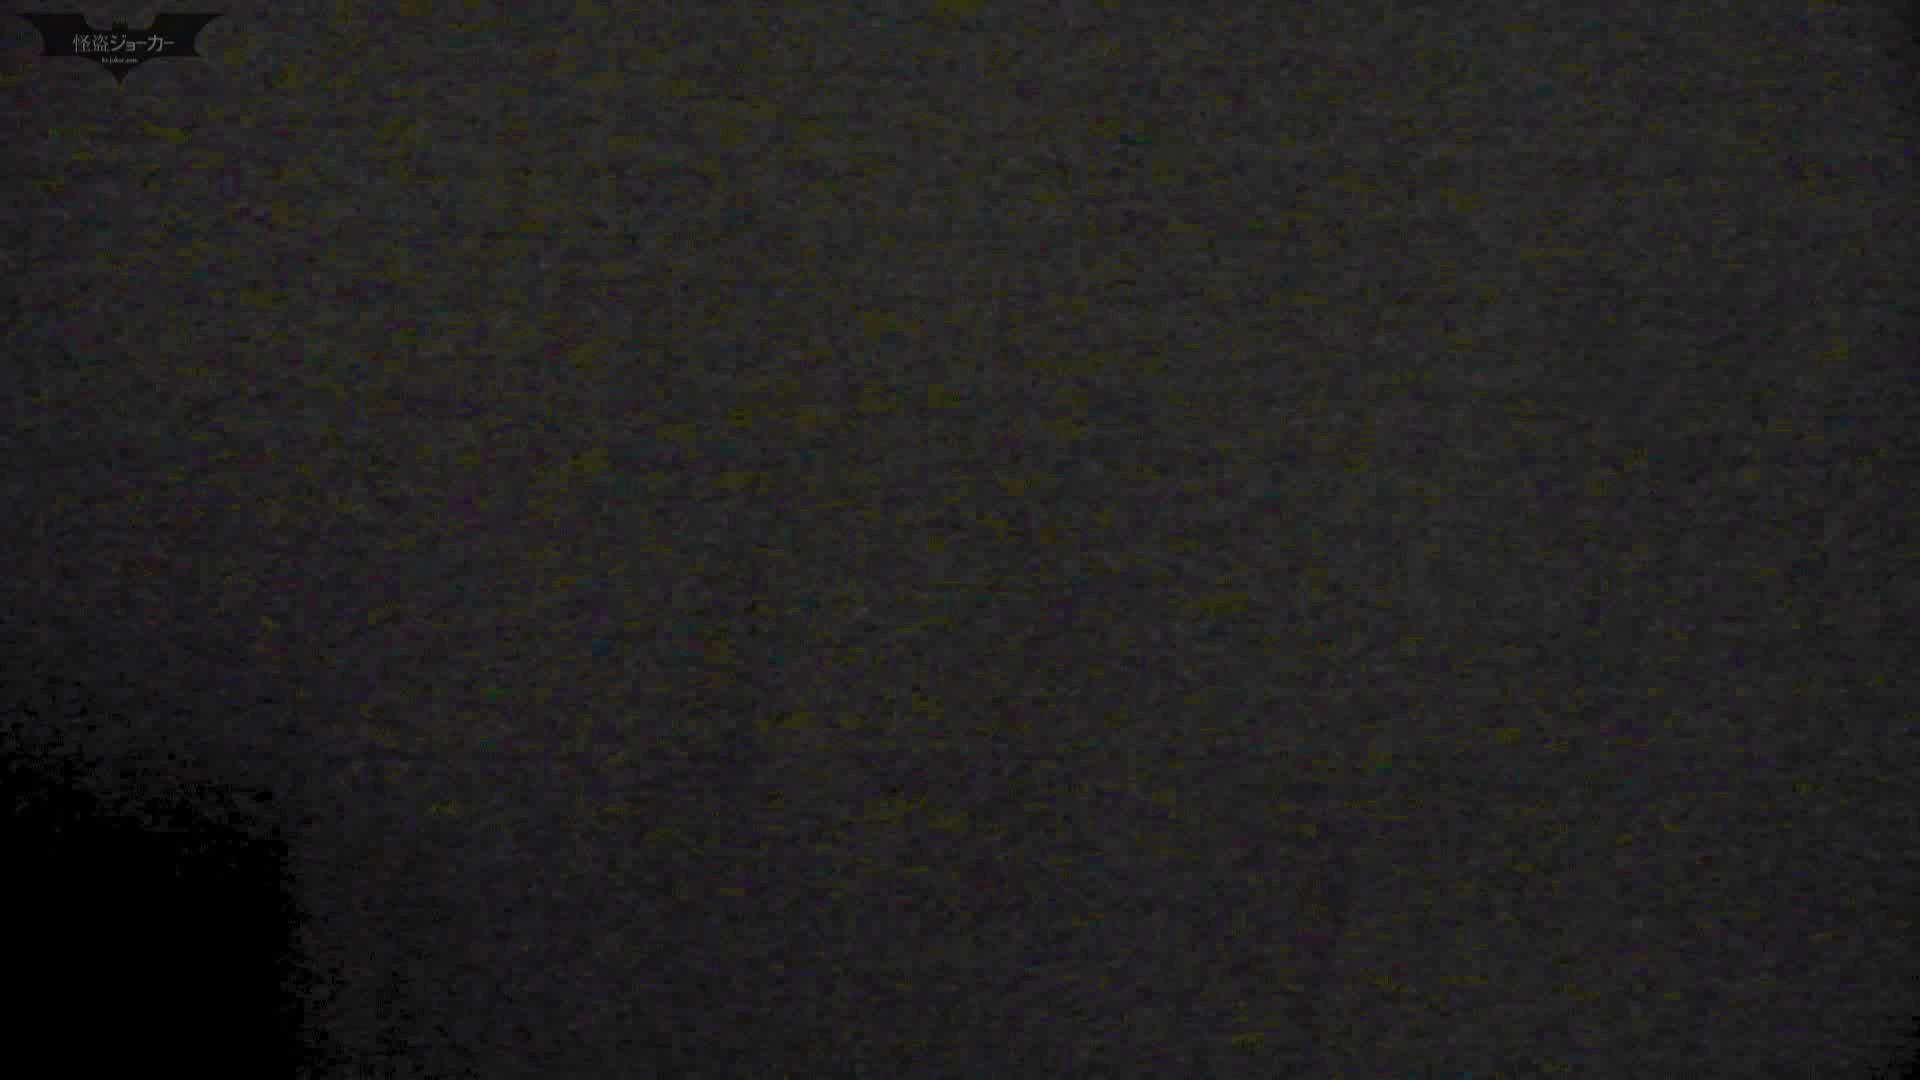 下からノゾム vol.018 スタイルいい子に、ついついて入っちゃった。 エッチすぎるOL達 | 0  101連発 33